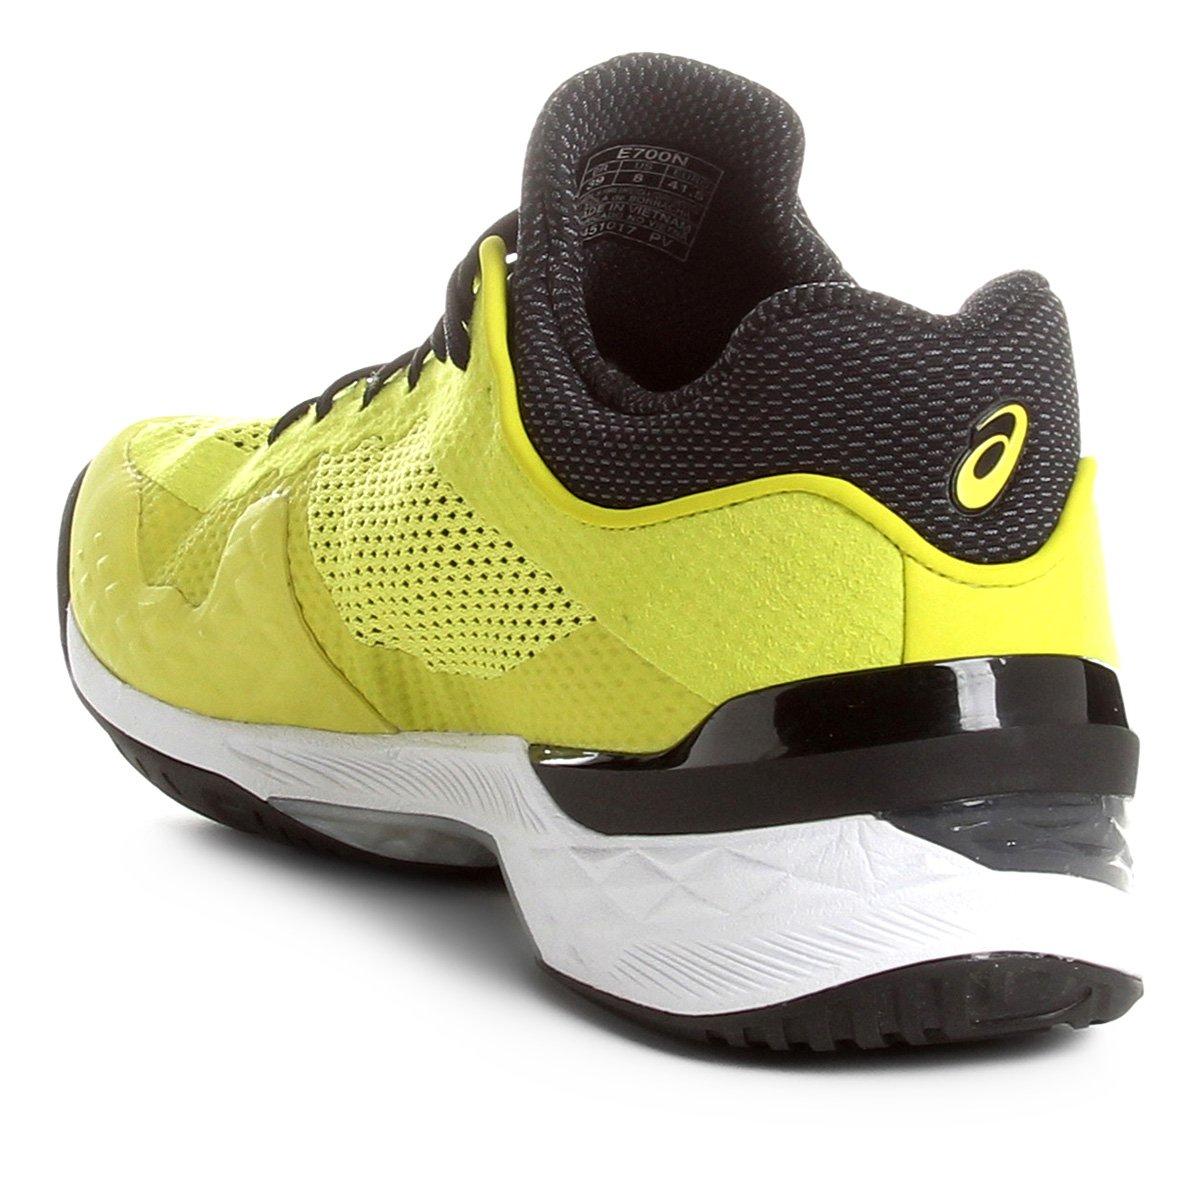 38f38016ee Tênis Asics Court FF Masculino - Preto e Amarelo - Compre Agora ...